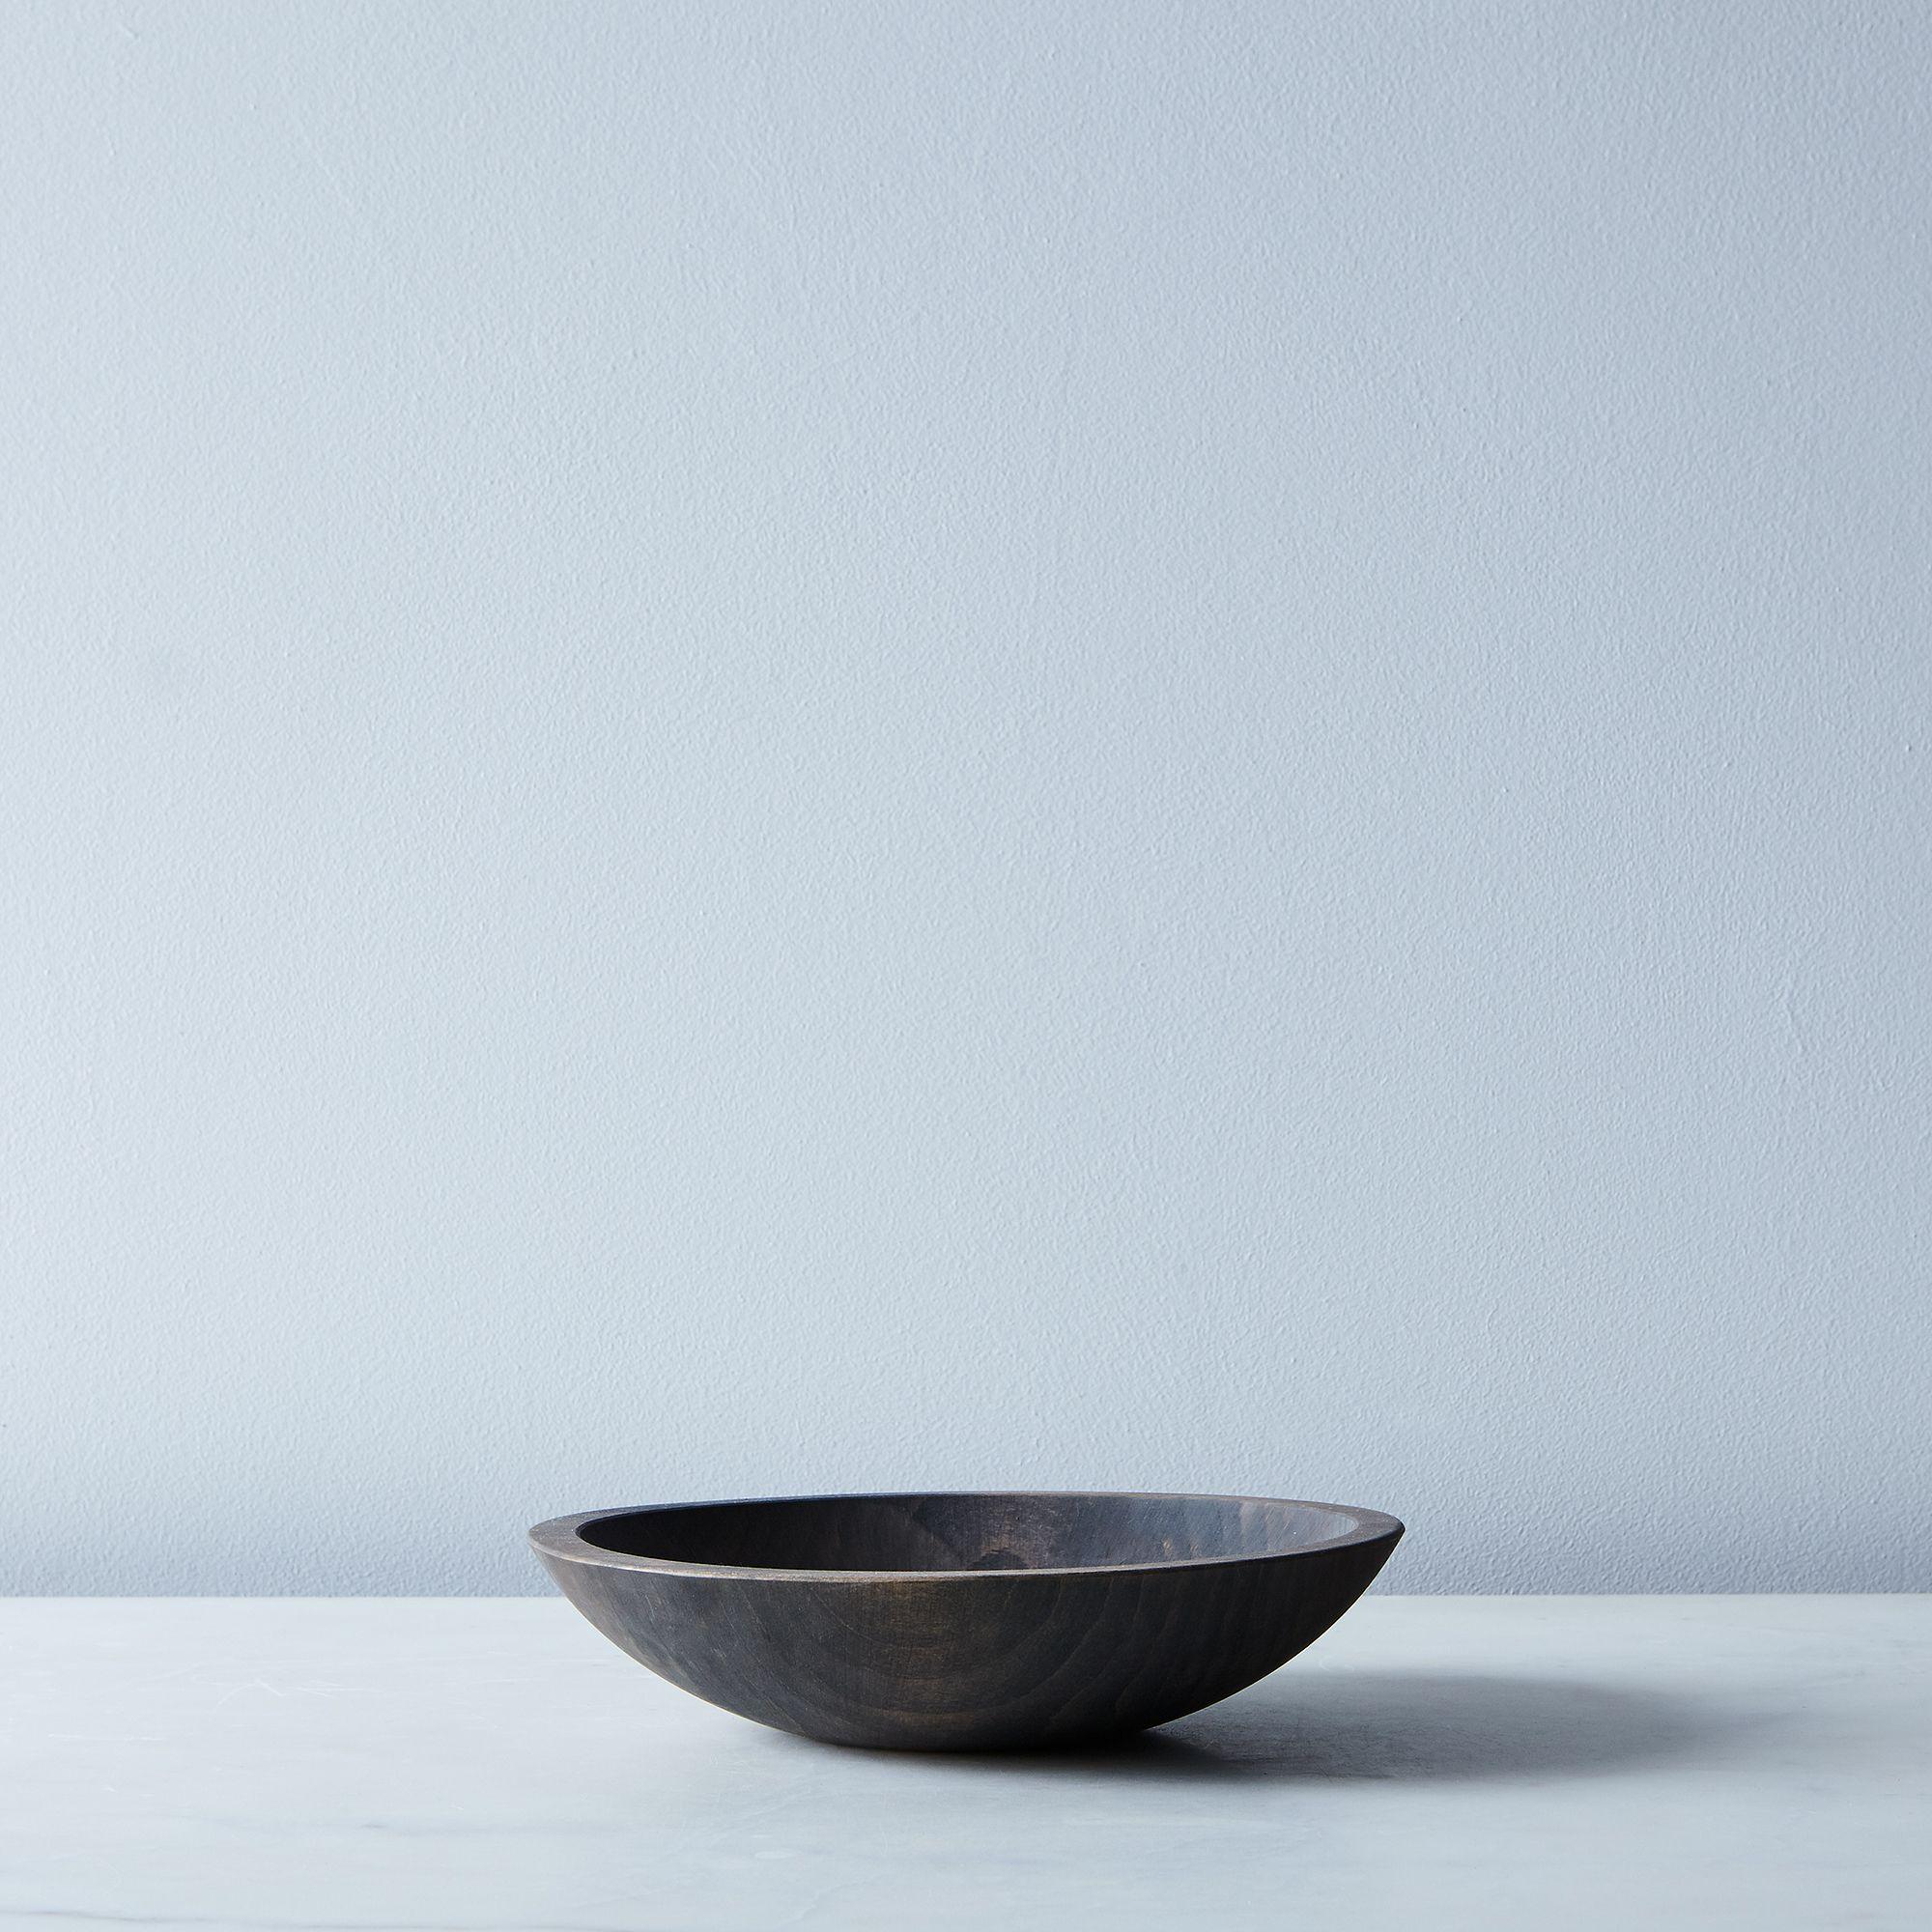 5175b70f bf2b 4eb7 b8ac dac0f8a82624  2017 0116 farmhouse pottery crafted wooden bowls 9 inch grey silo rocky luten 8399